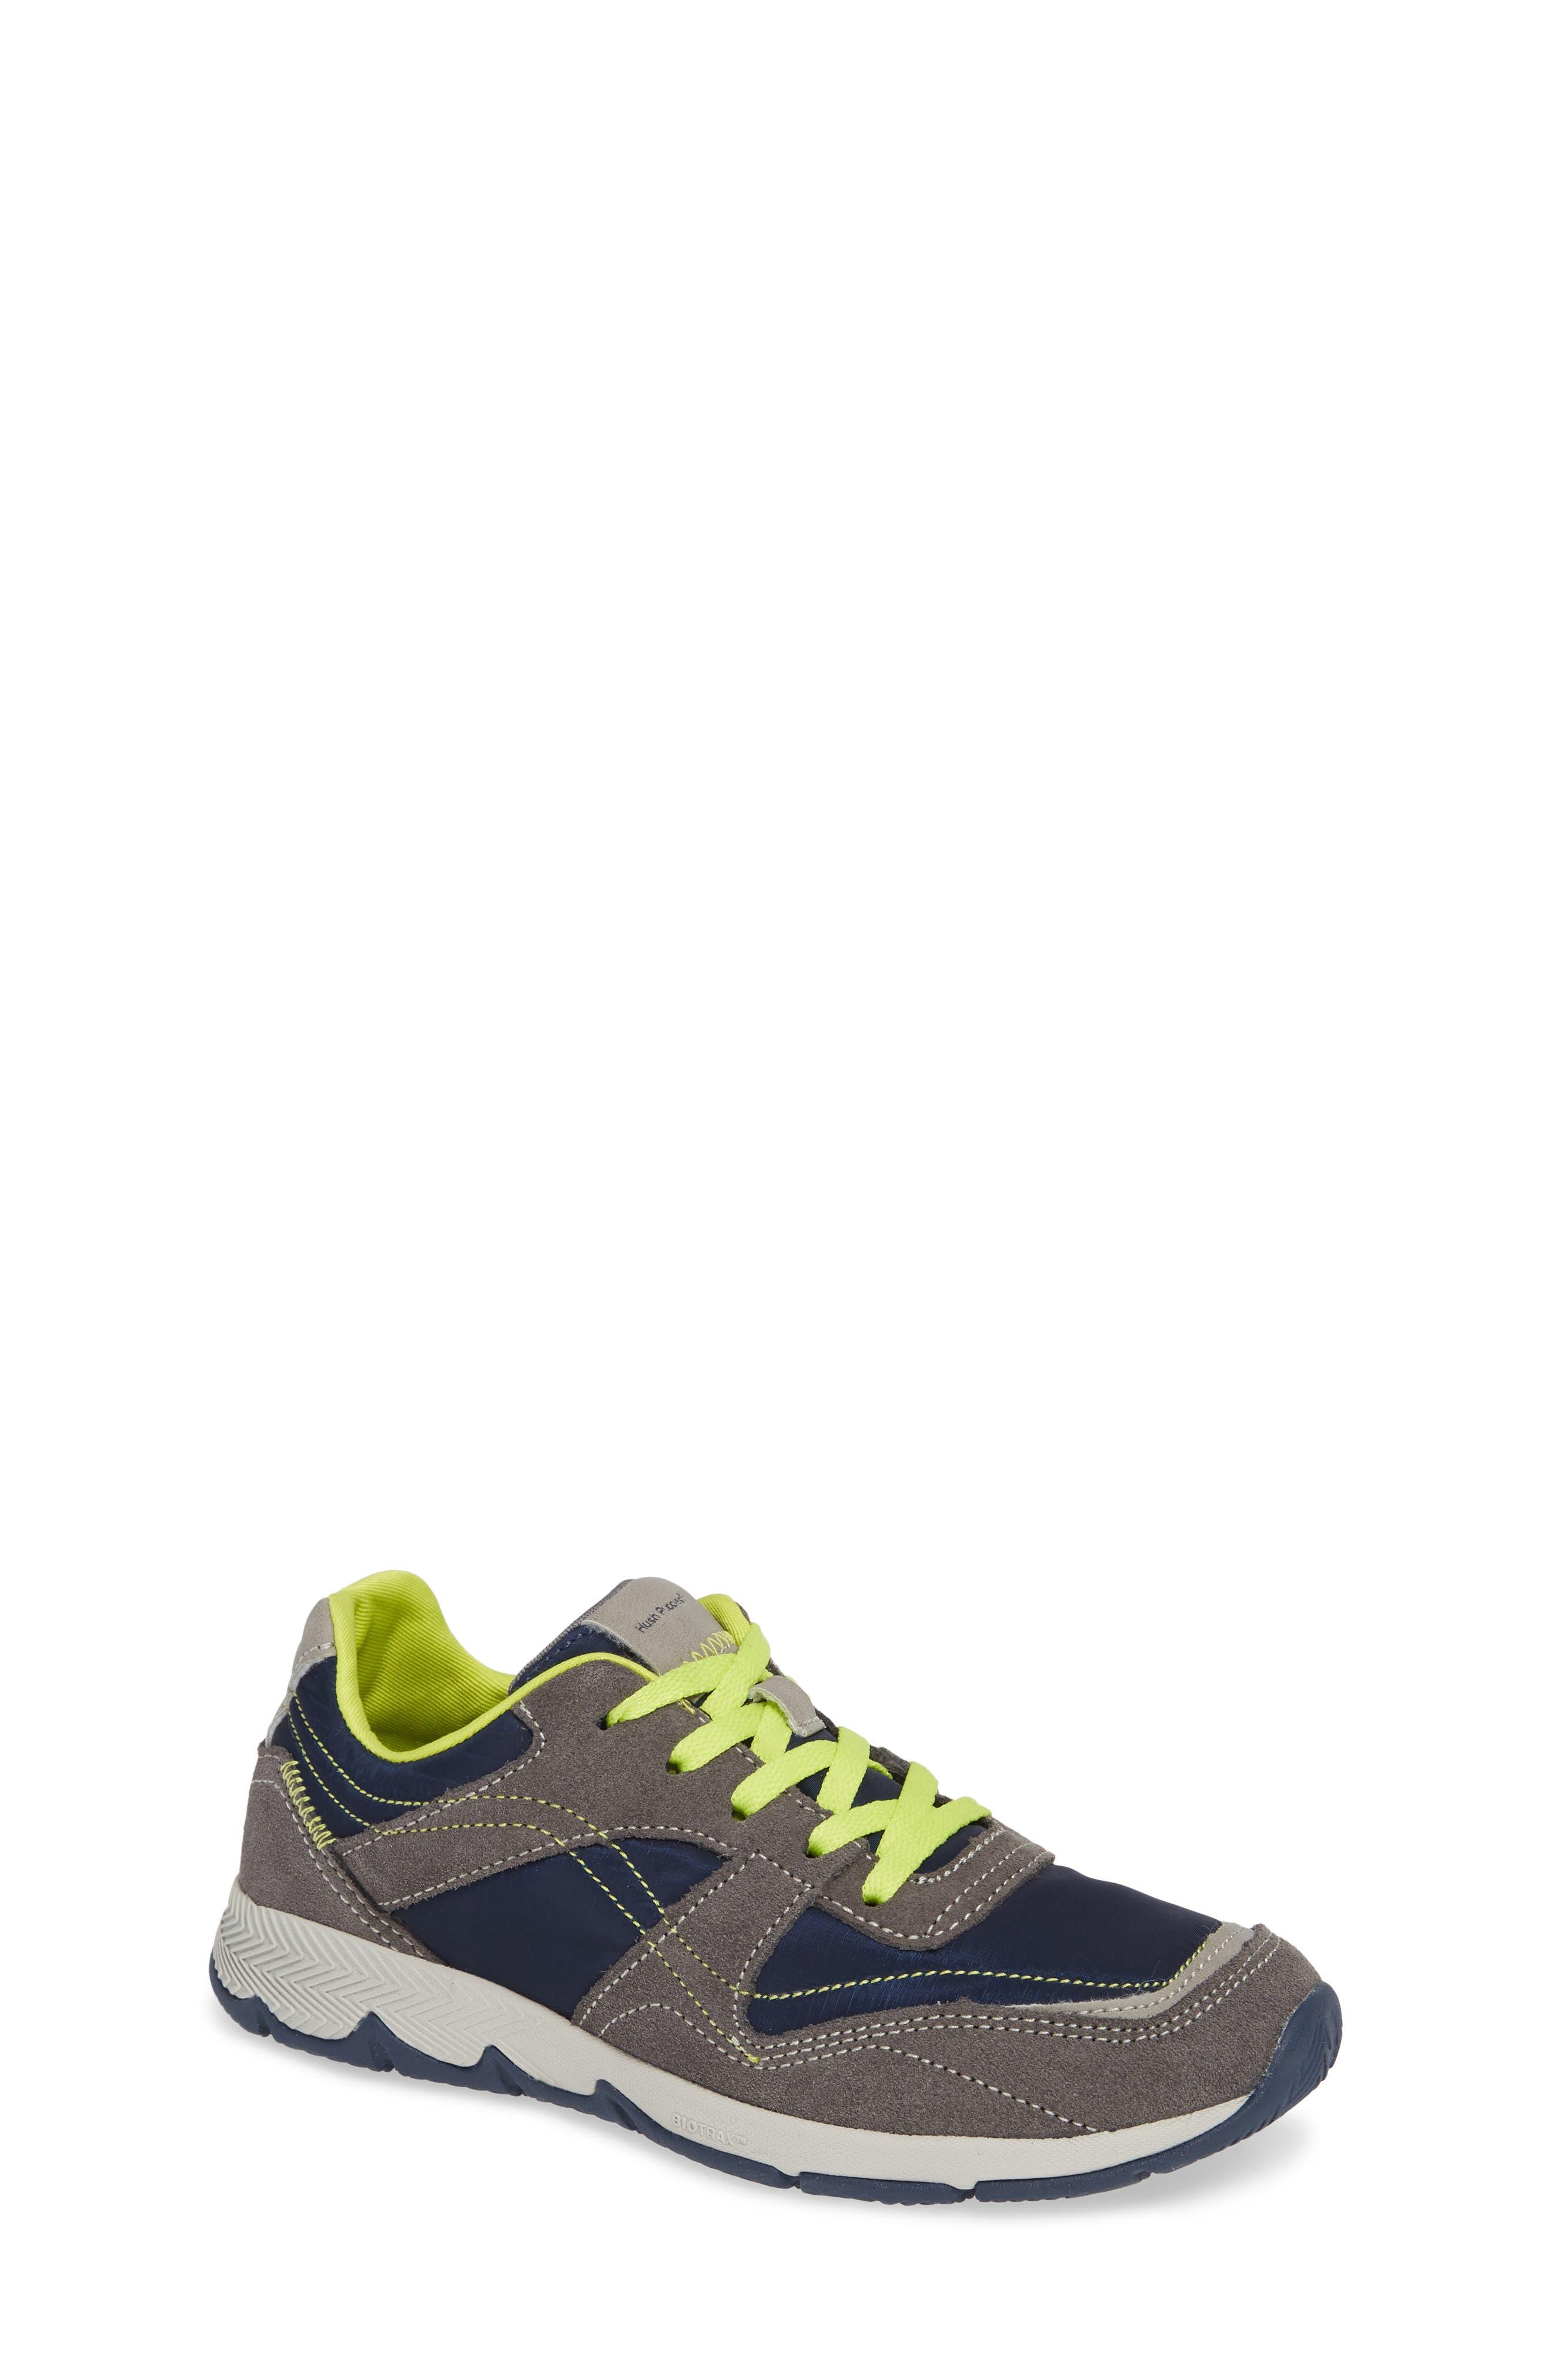 Zev TS Field Sneaker,                         Main,                         color, GREY/ NAVY